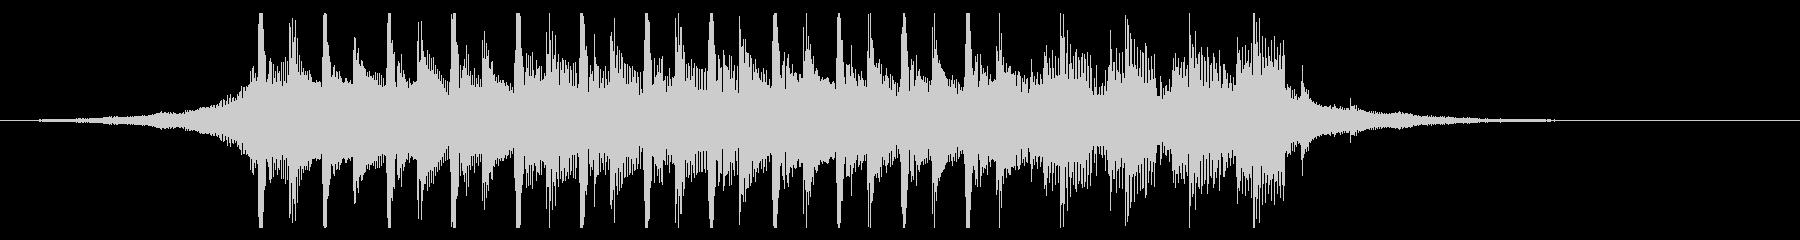 ポジティブコーポレート(15秒)の未再生の波形